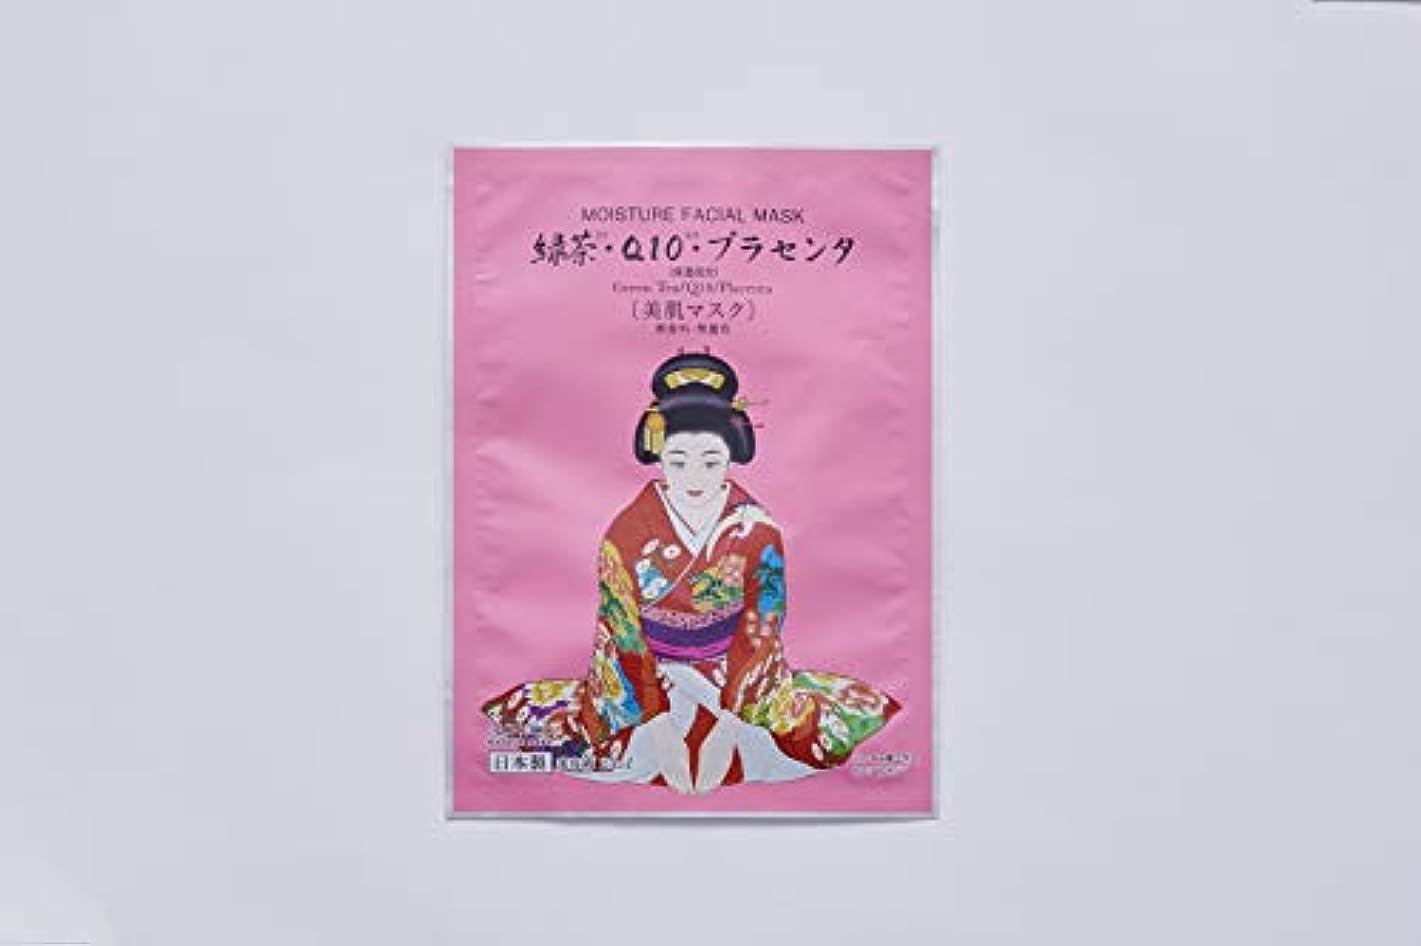 住む頂点神経衰弱愛粧堂 舞妓マスク 緑茶CoQ10プラセンタ 10枚セット